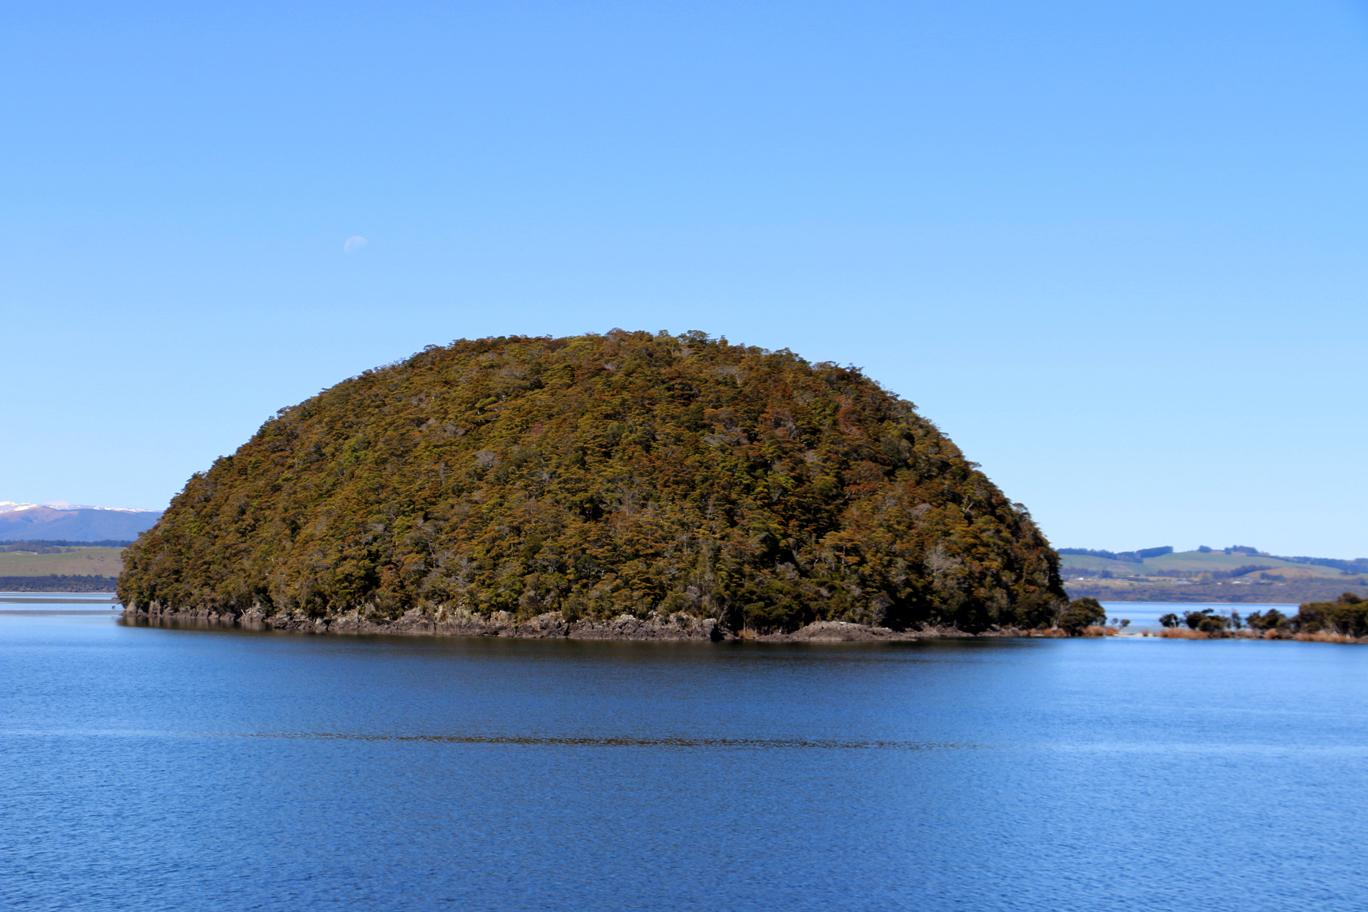 Une tortue géante en forme d'île (ou l'inverse).